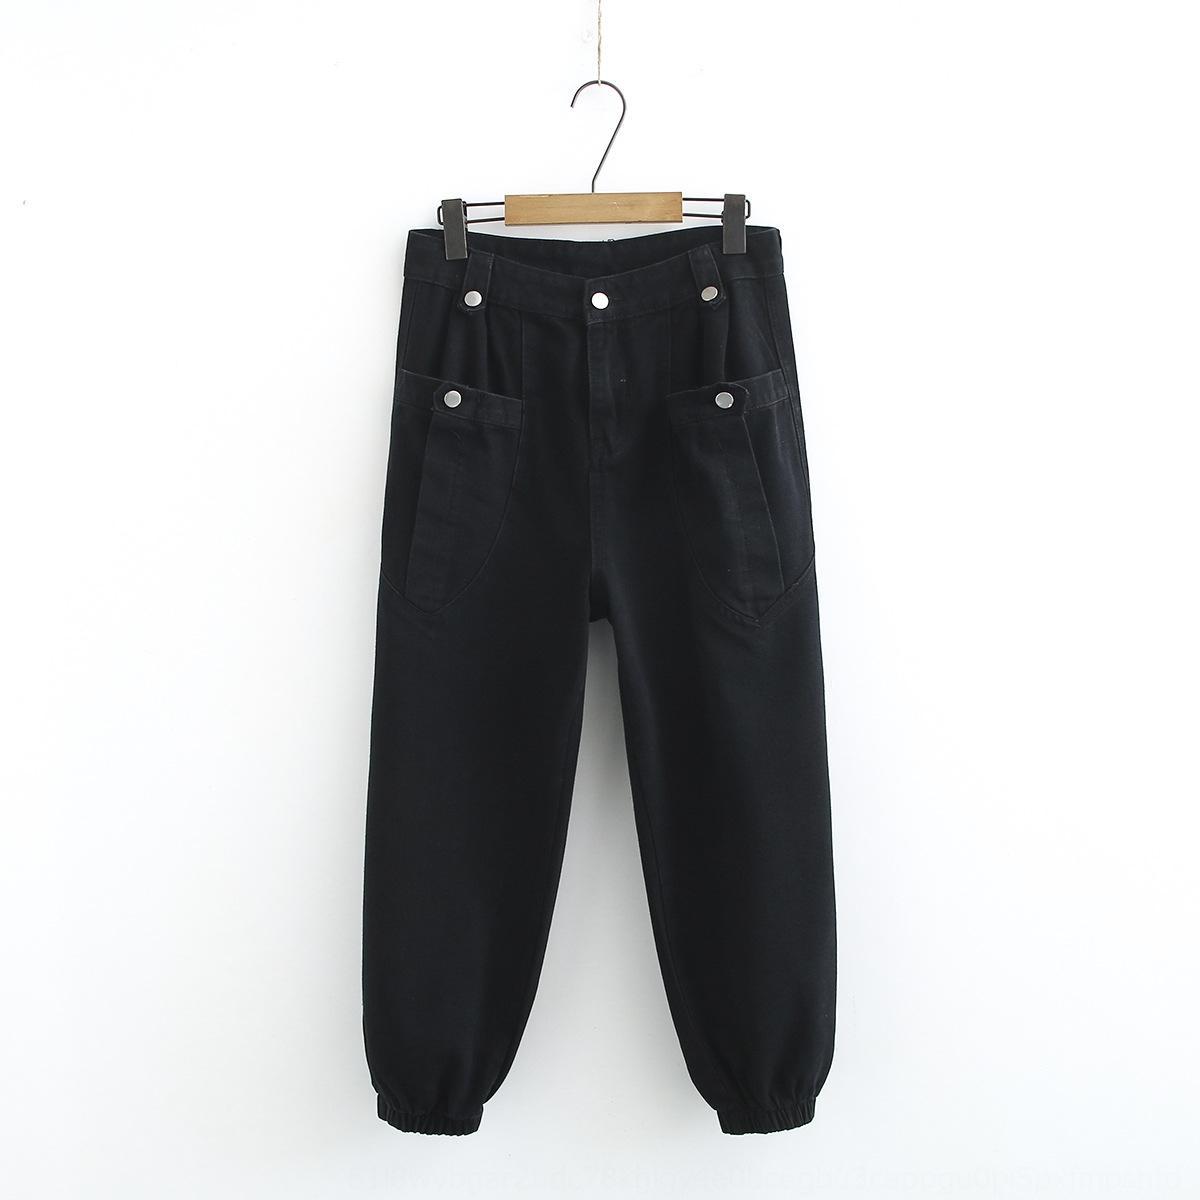 Plus plus resorte de la ropa nueva de Corea del estilo de grasa MM 200 kg de adelgazamiento de herramientas jeans de moda tobillo-atado de las mujeres y los pantalones vaqueros del tamaño 7484